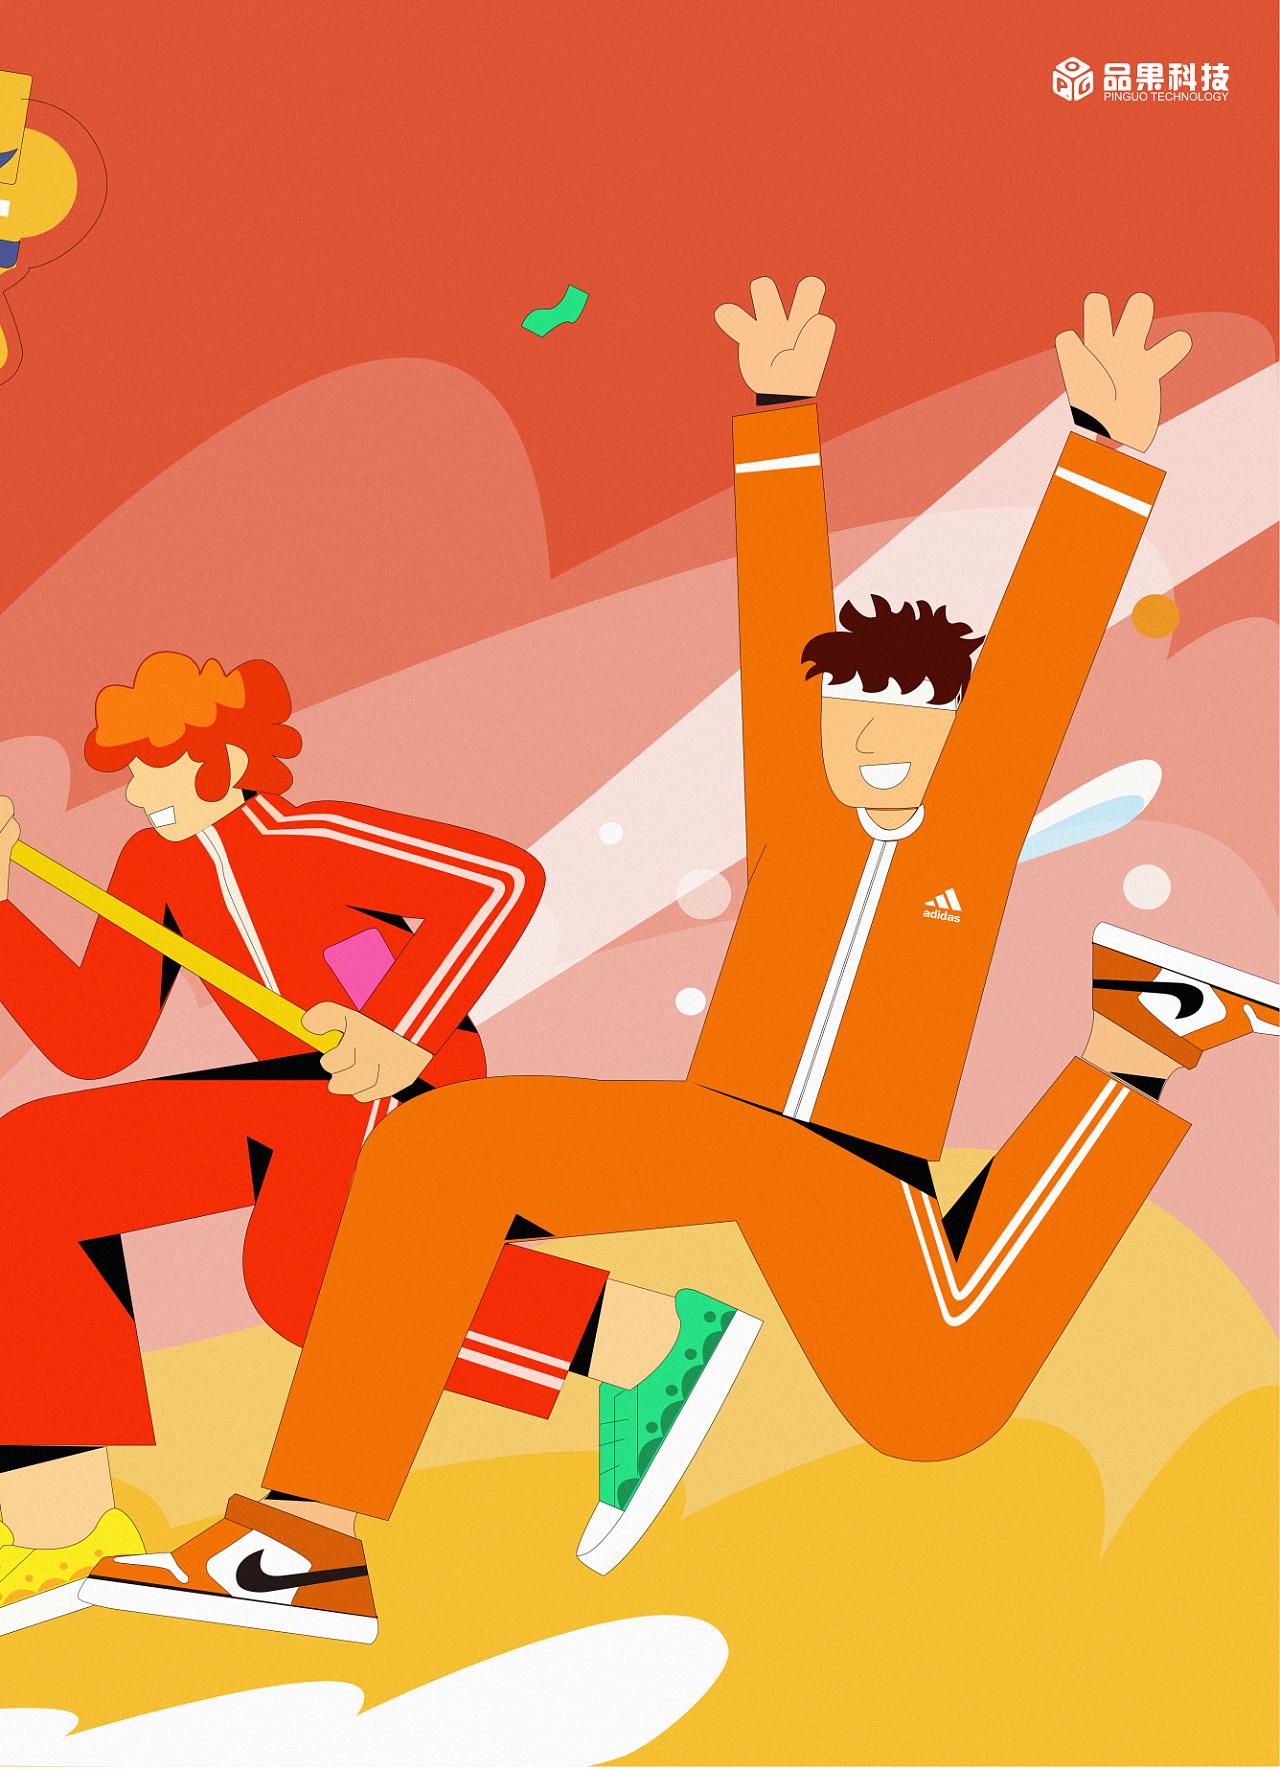 【2020 室内趣味运动会】图片